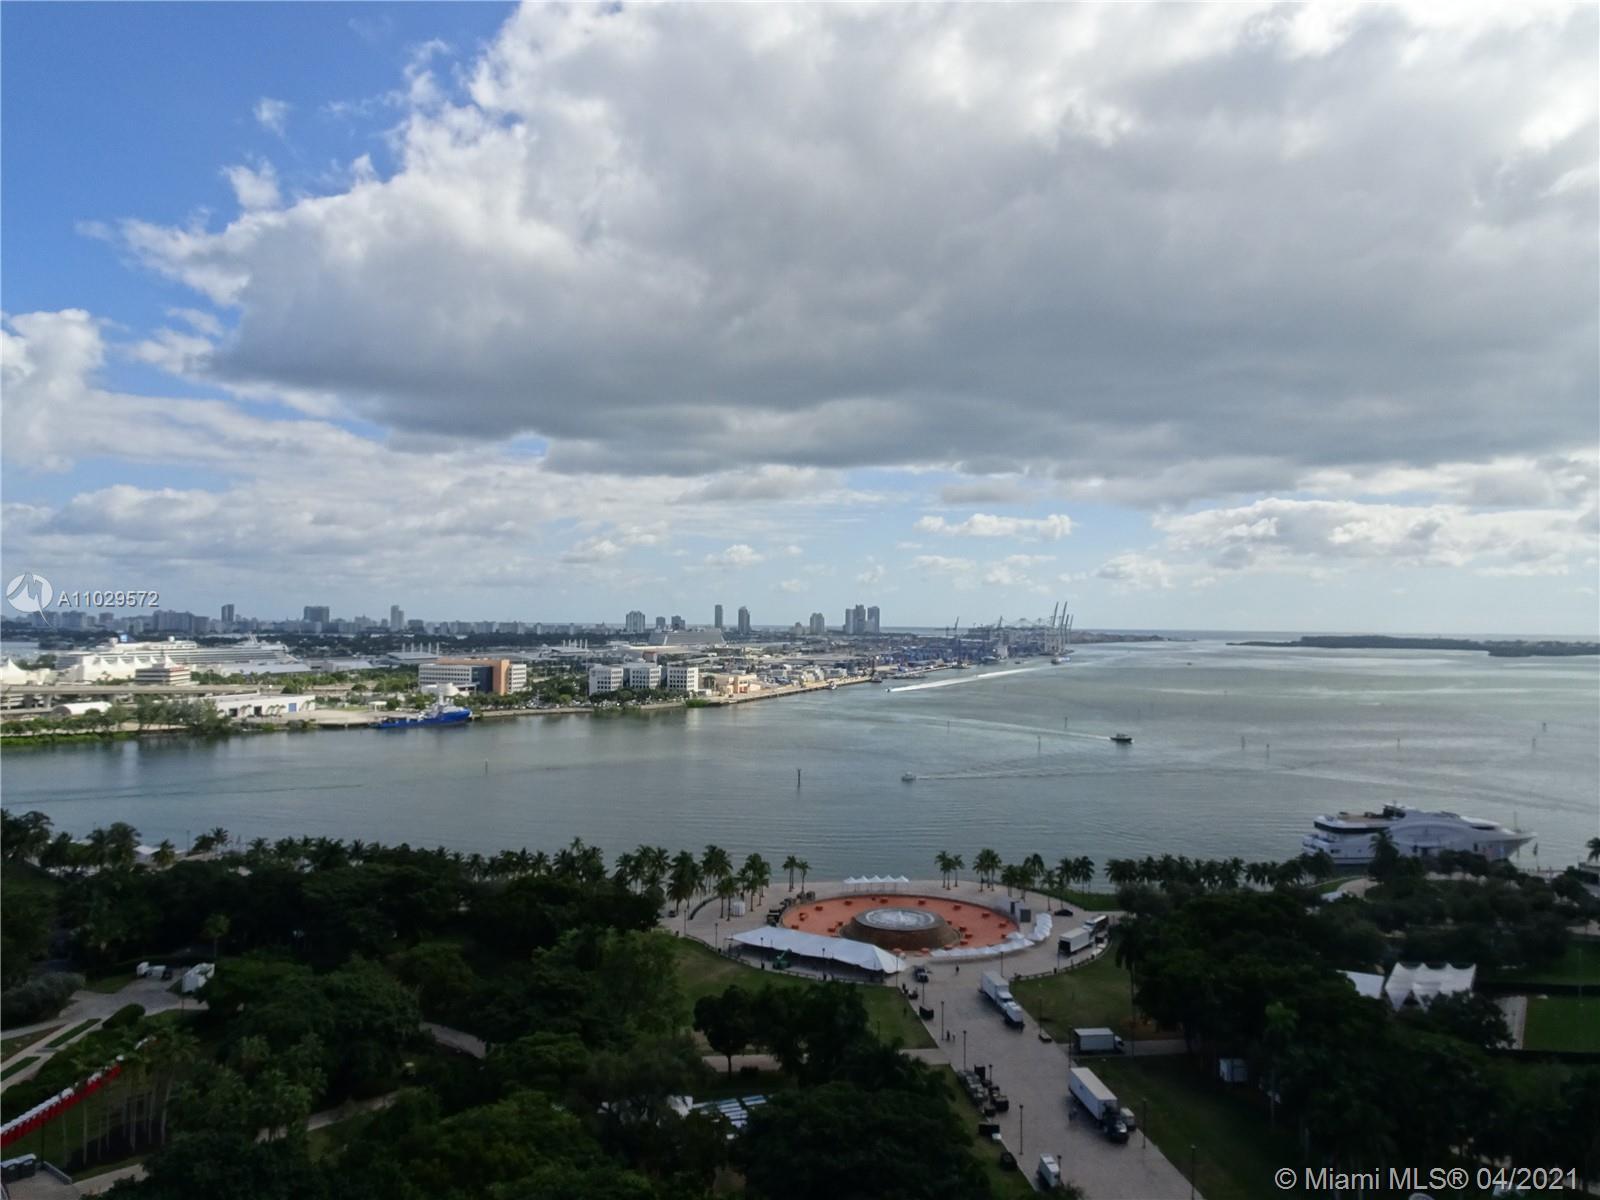 50 Biscayne #2206 - 50 Biscayne Blvd #2206, Miami, FL 33132